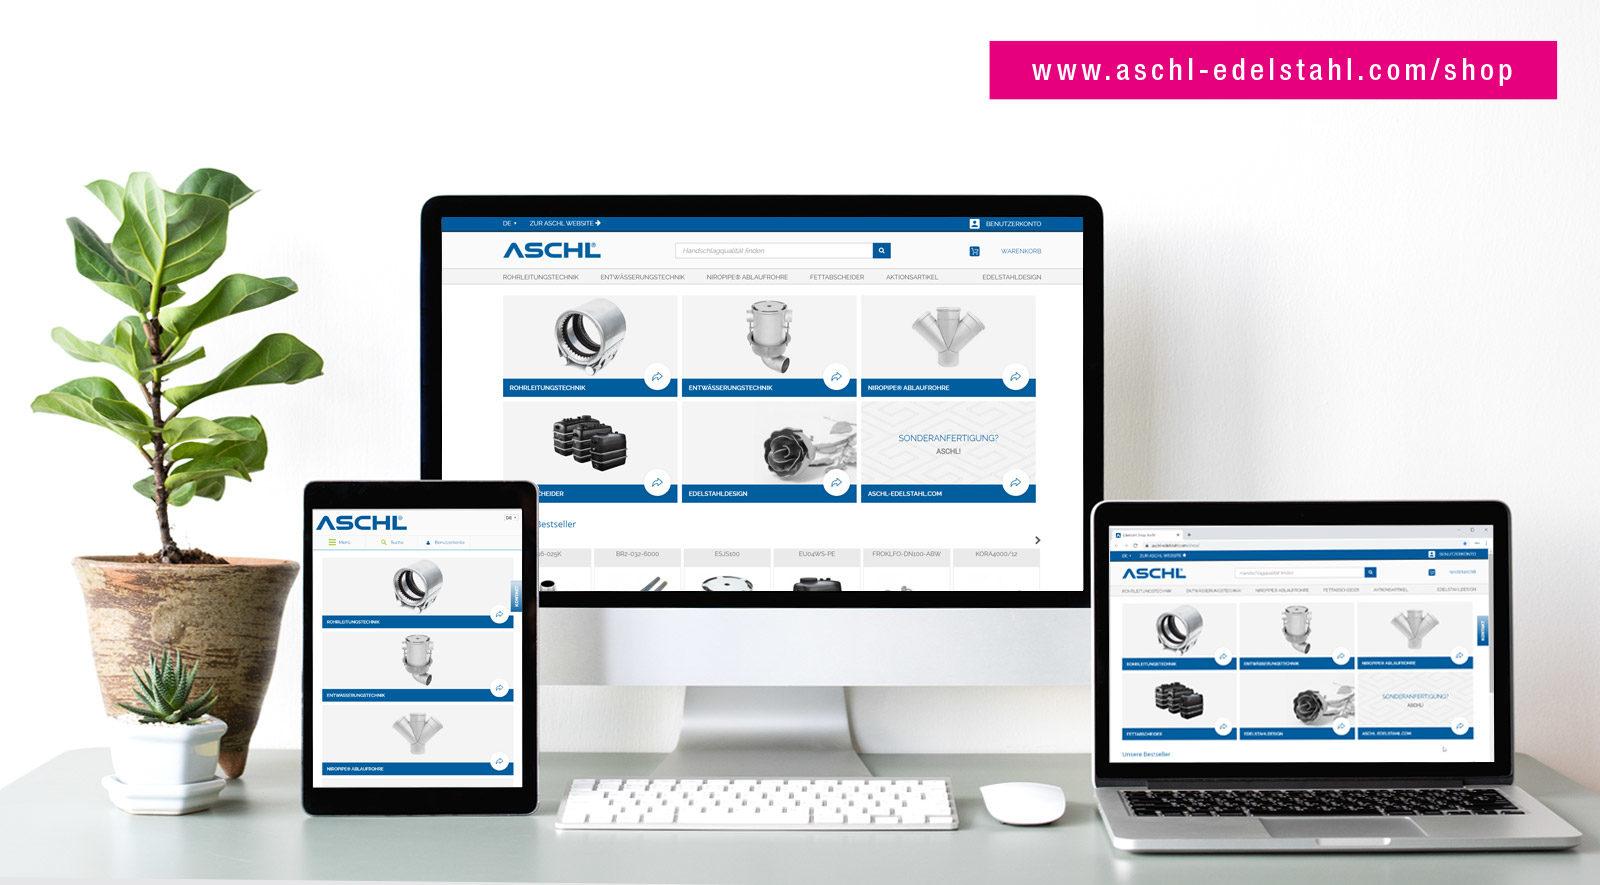 WebShop ASCHL